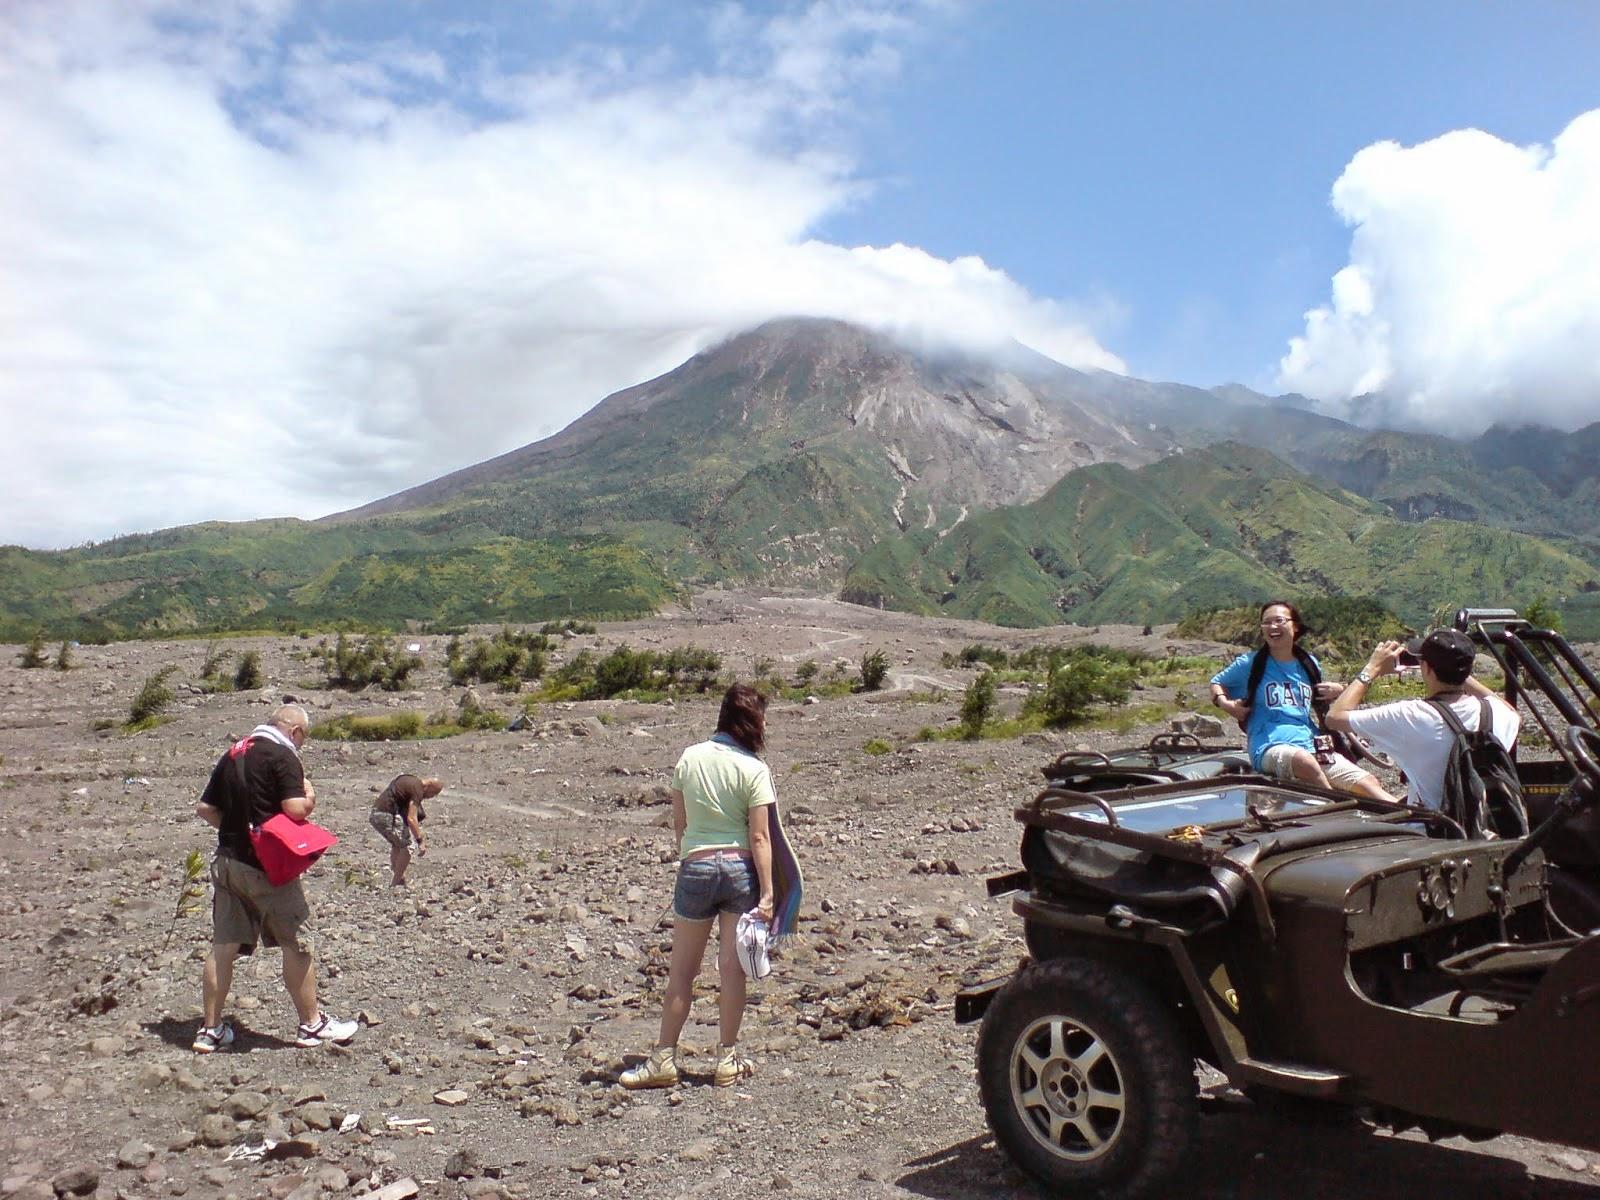 Wisata Gunung Merapi Jogja, Lava Tour